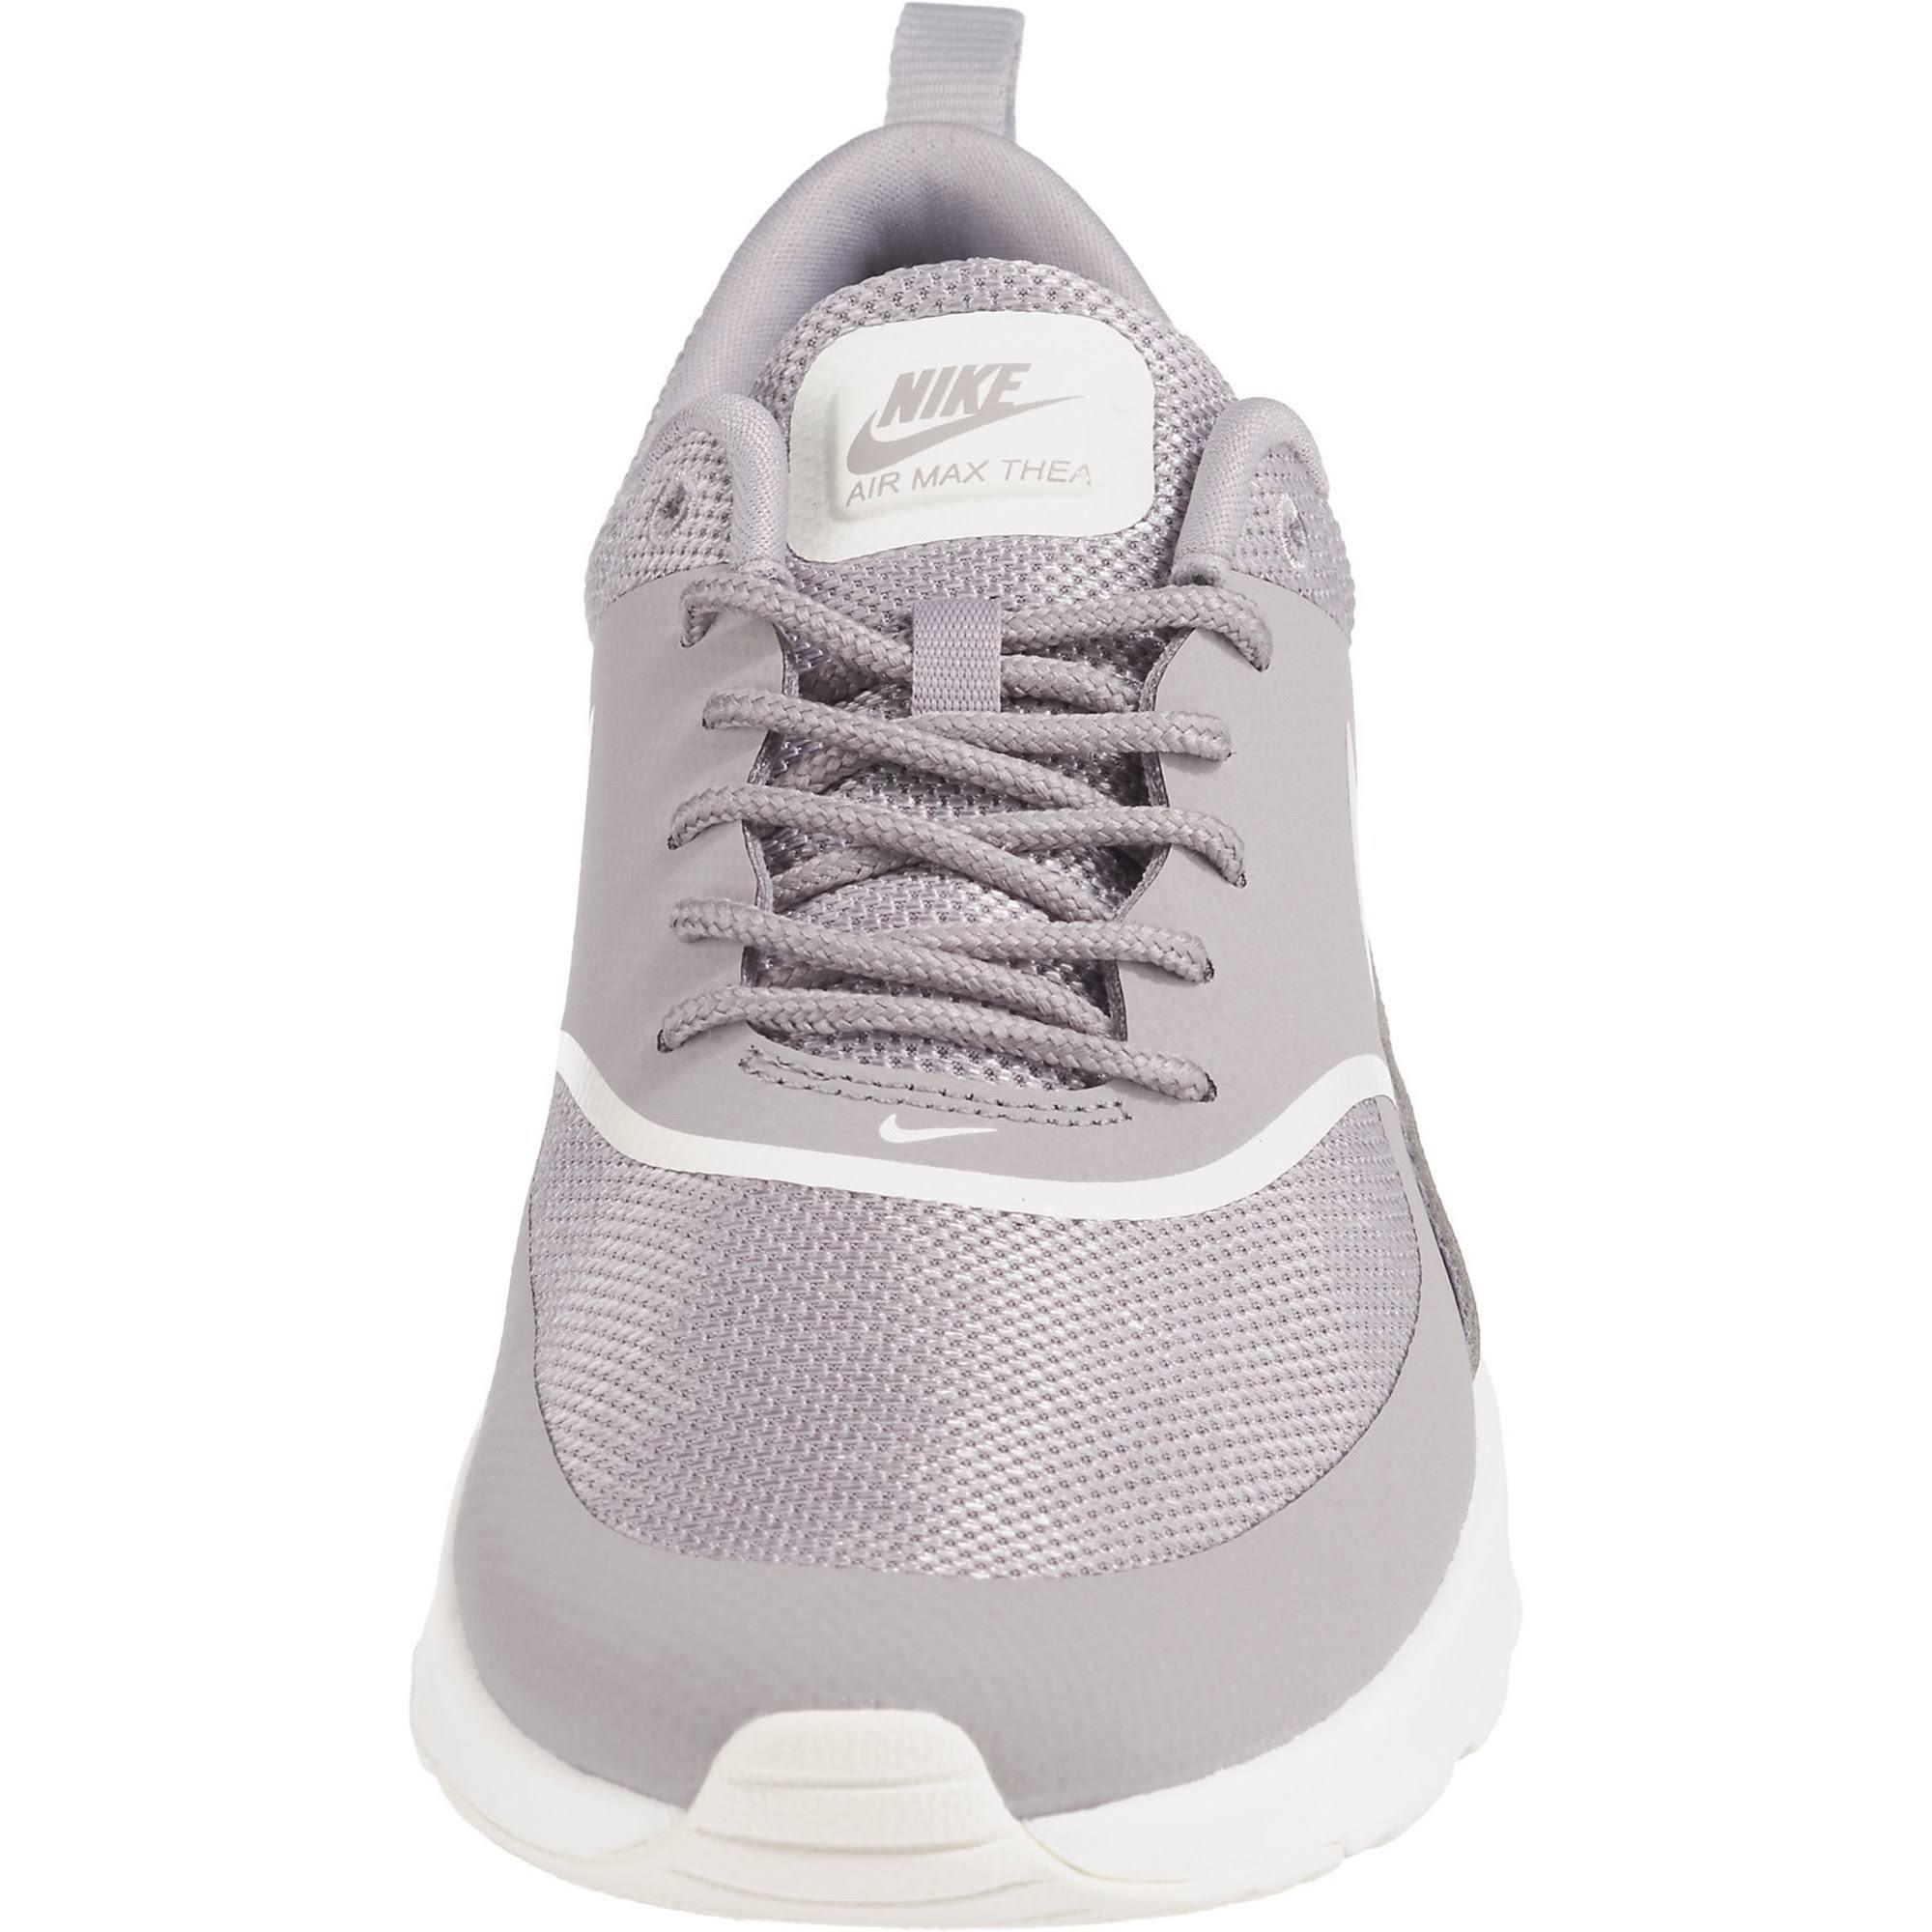 Nike Šedá Max Grey 36 Offwhite Boty Air Sportovní 5 Šeříková Ženy sail Velikost Atmosphere Sportswear Thea rWqFnwfr